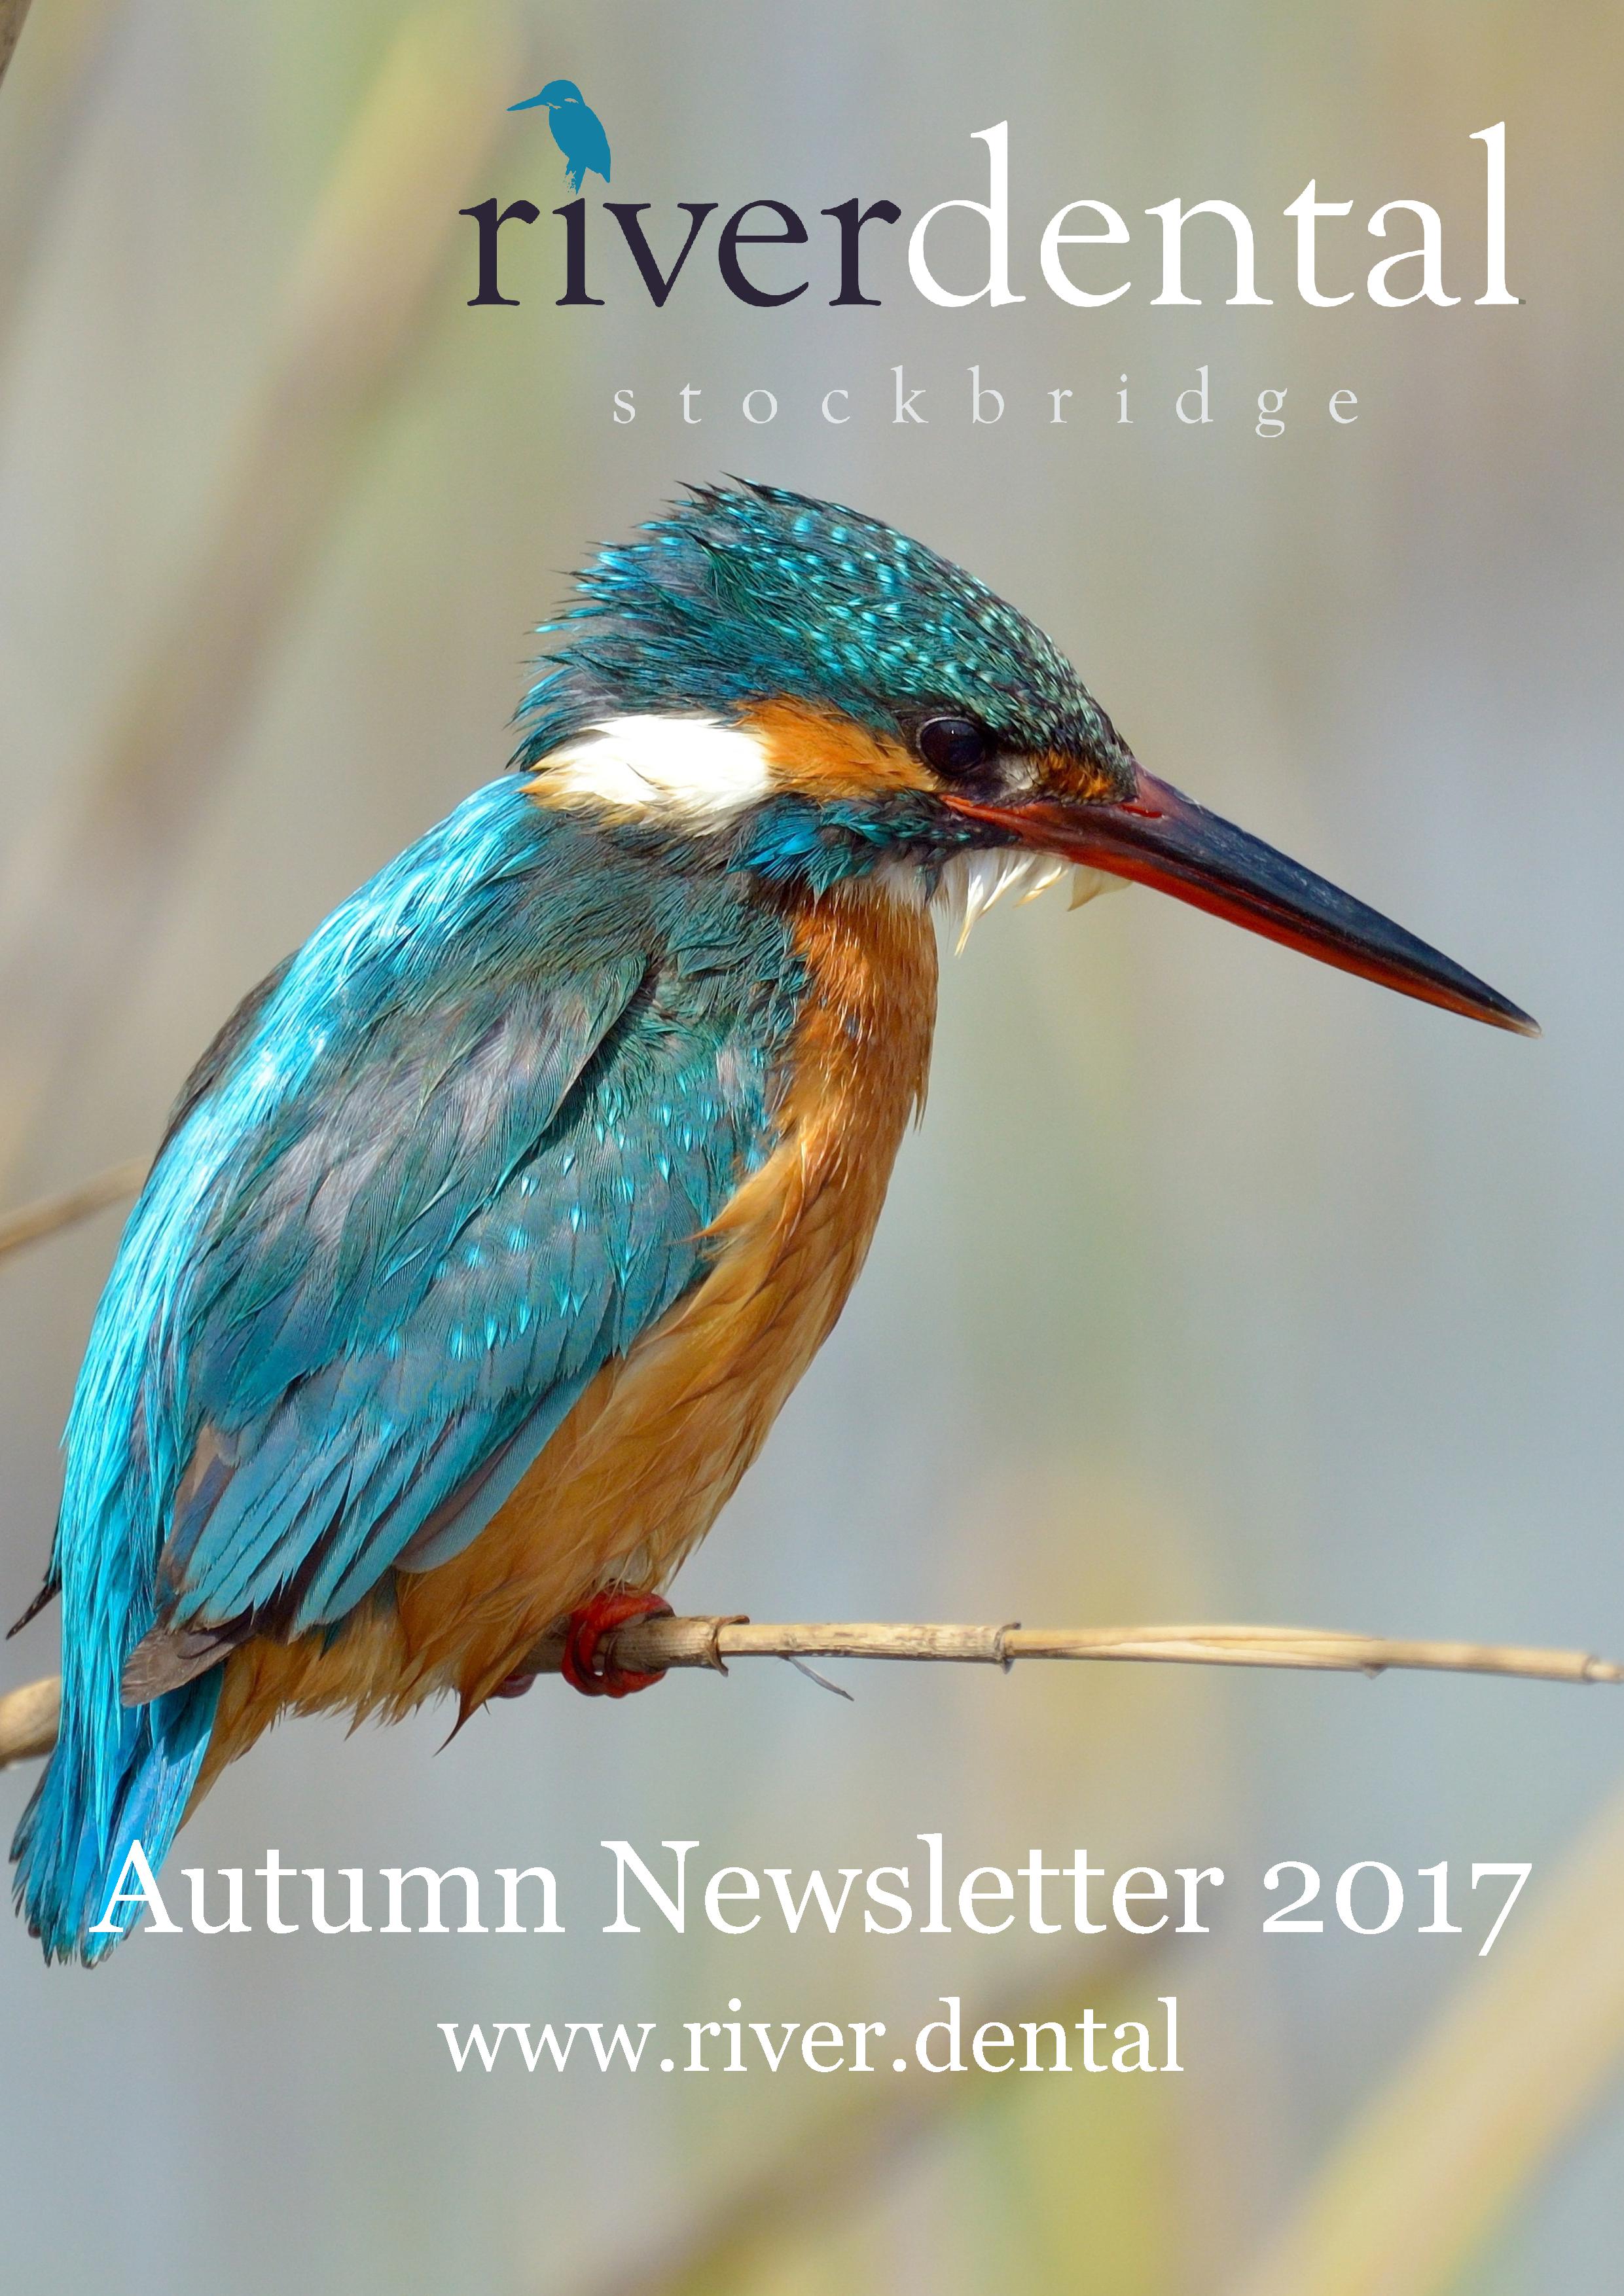 River Dental Newsletter Autumn 2017